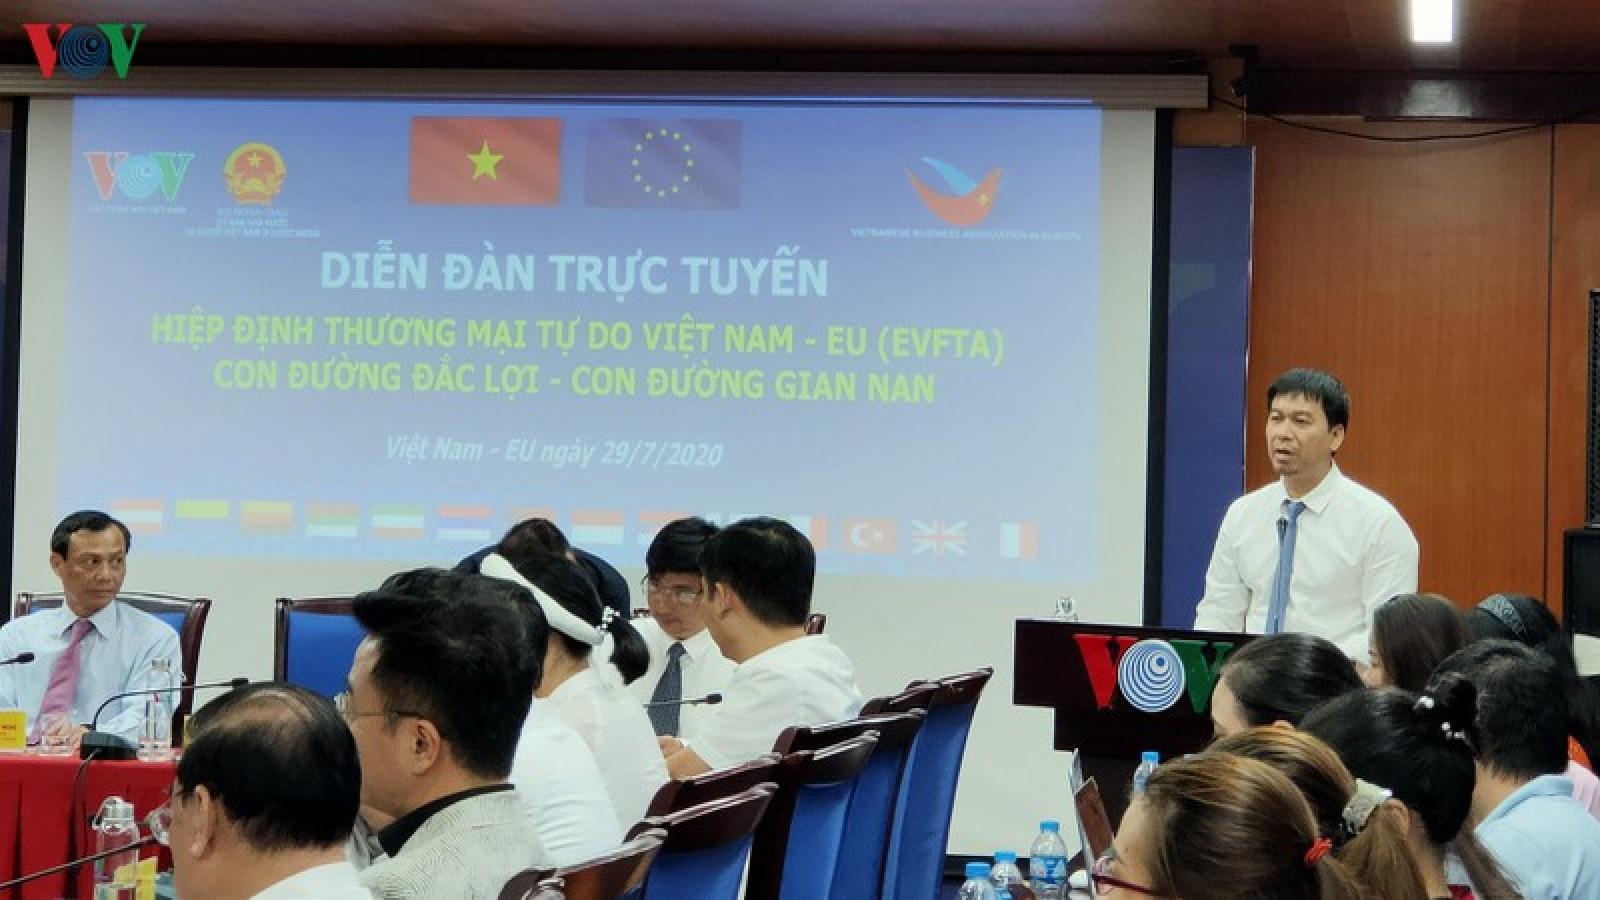 Hiệp định EVFTA: Con đường đắc lợi – Con đường gian nan